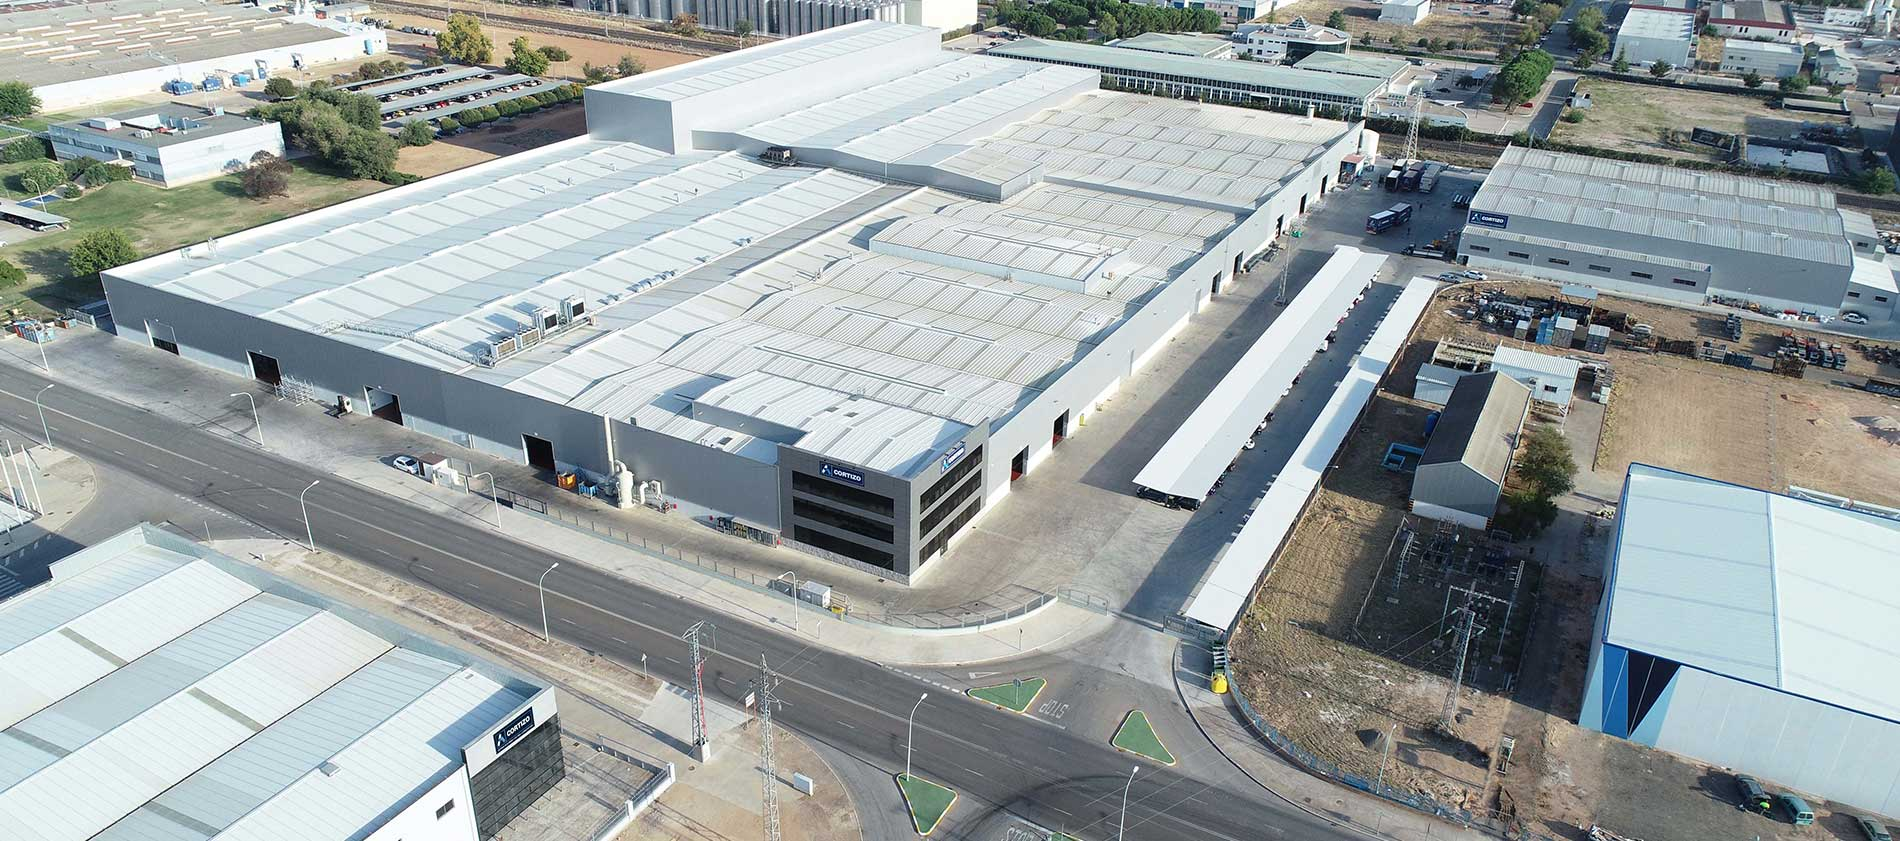 CORTIZO MANZANARES - CIUDAD REAL (HISZPANIA)ZDOLNOŚĆ PRODUKCYJNA6.000 ton roczniePrasa tłocząca3 lakiernieAnodowniaPowierzchnia 24.350 m²